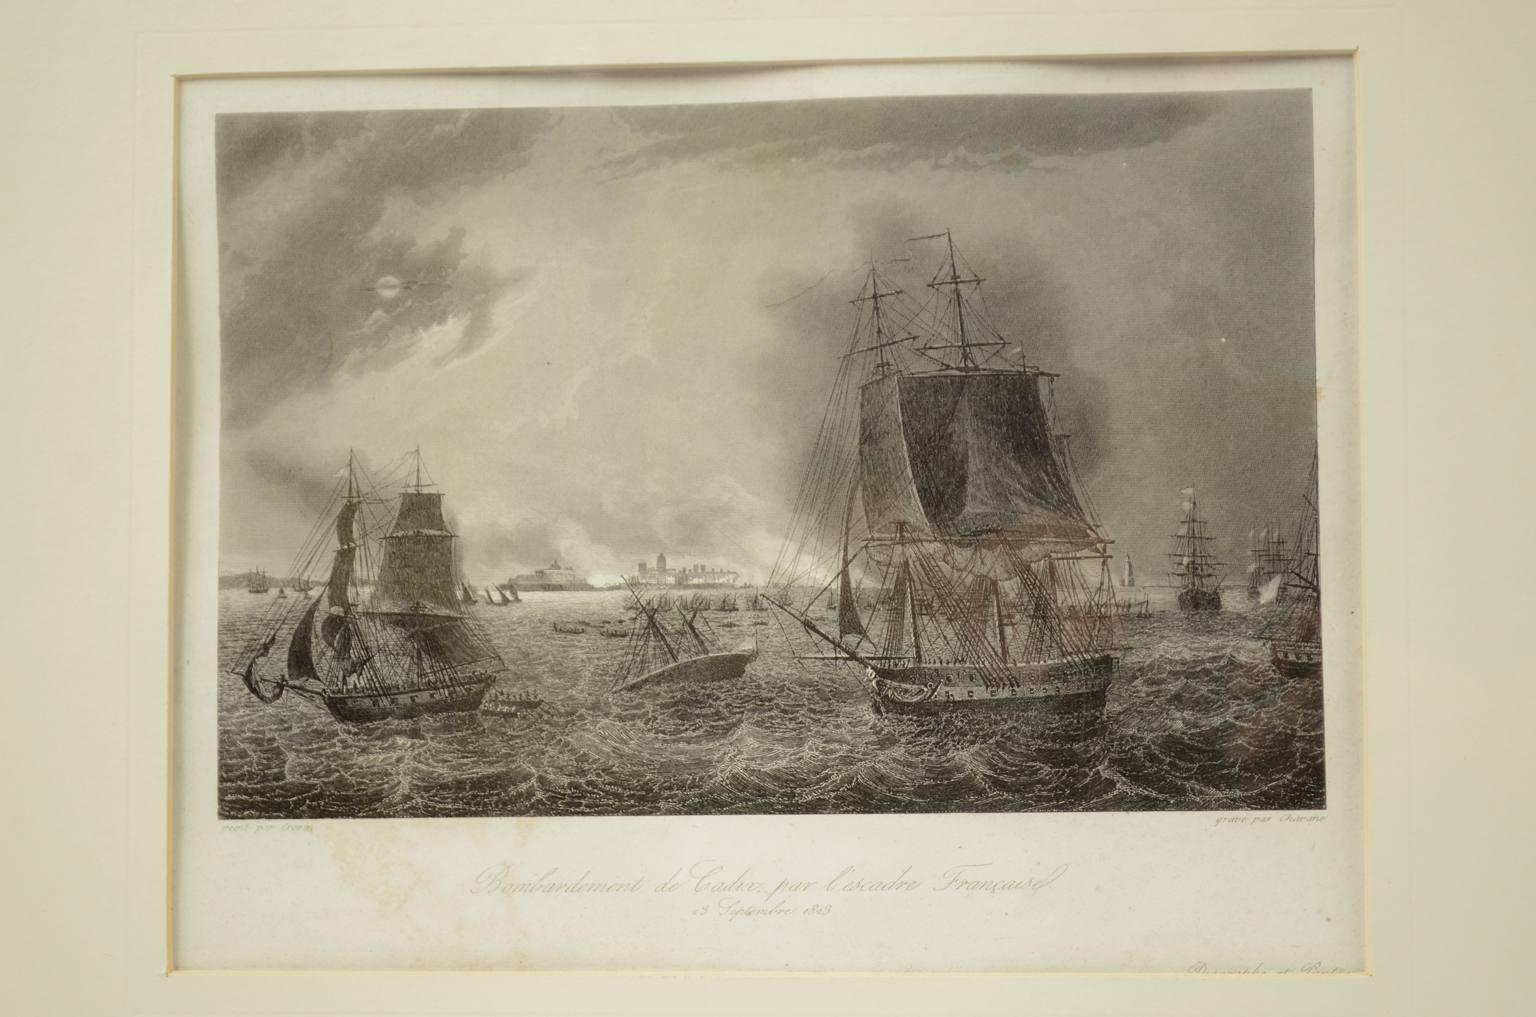 航海类古董/4759A-法国海军对加迪斯的轰炸